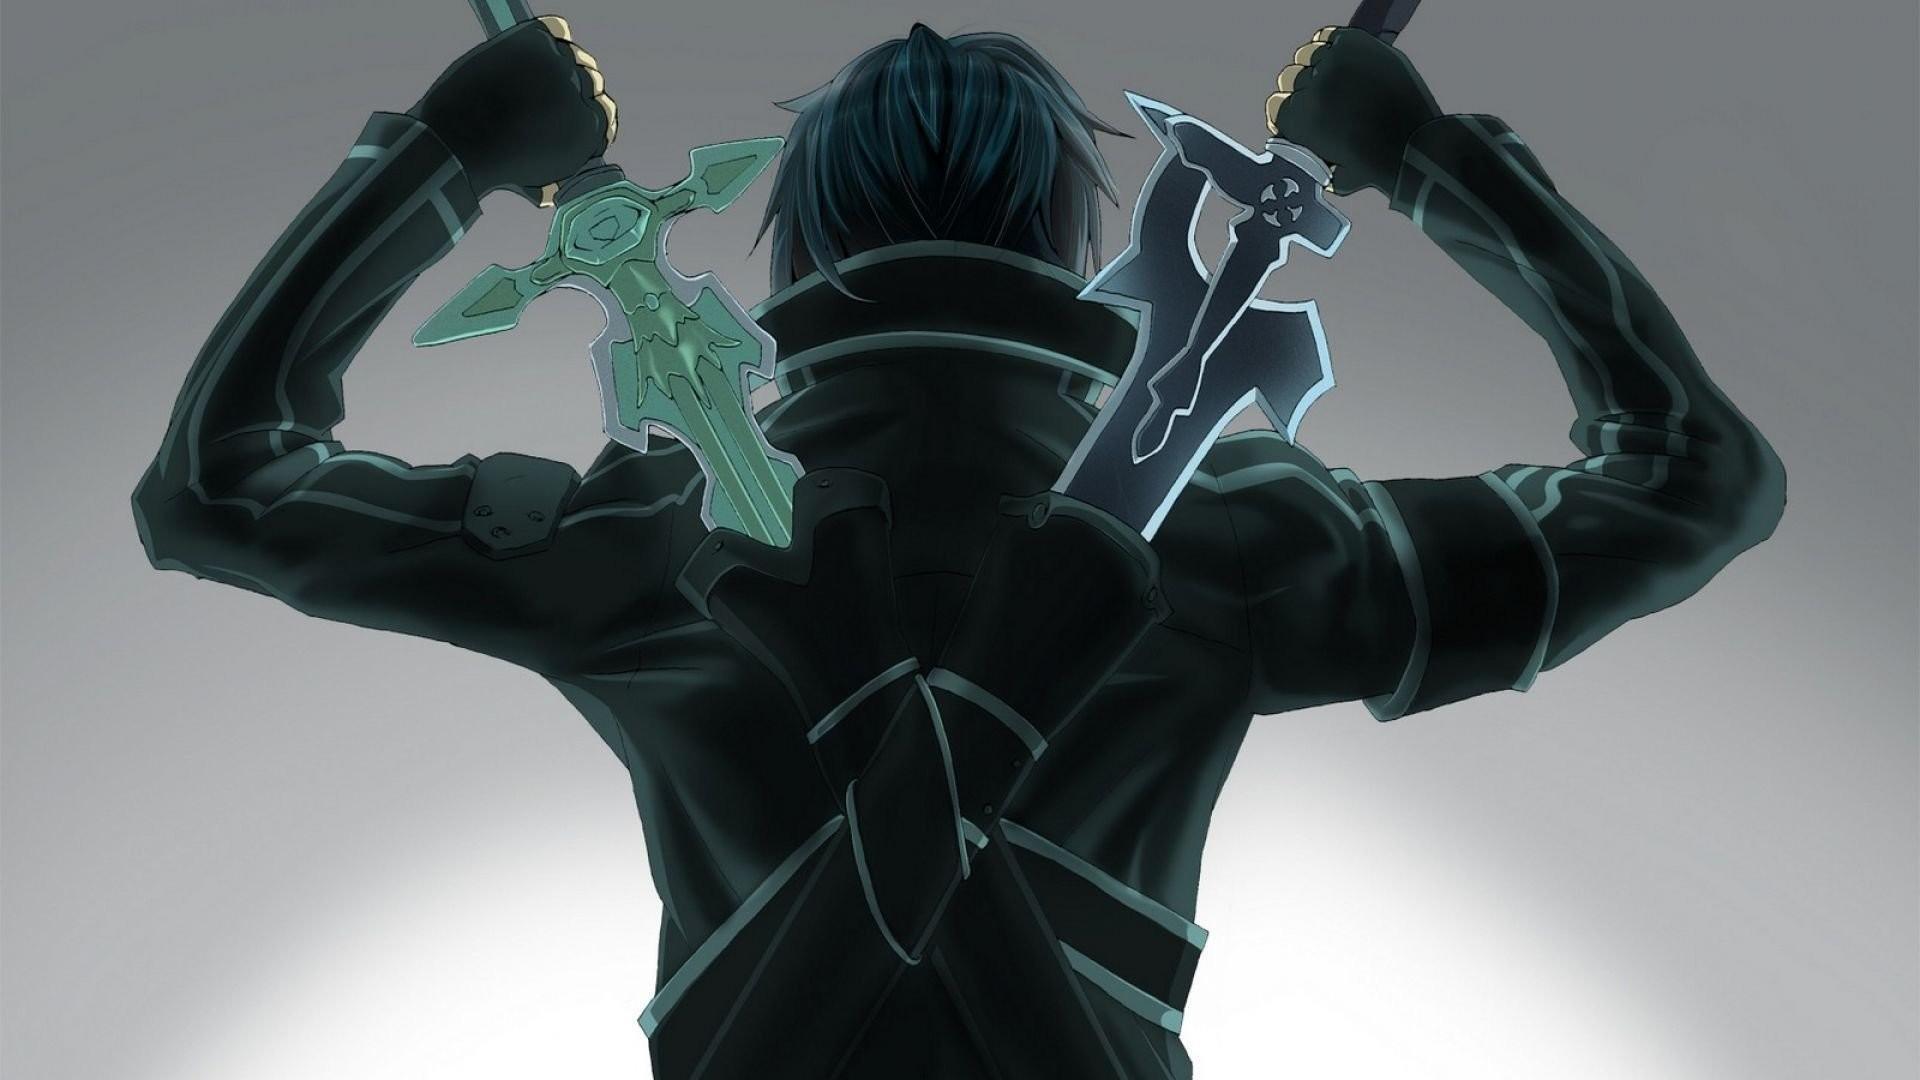 Anime – Sword Art Online Kirito (Sword Art Online) Wallpaper